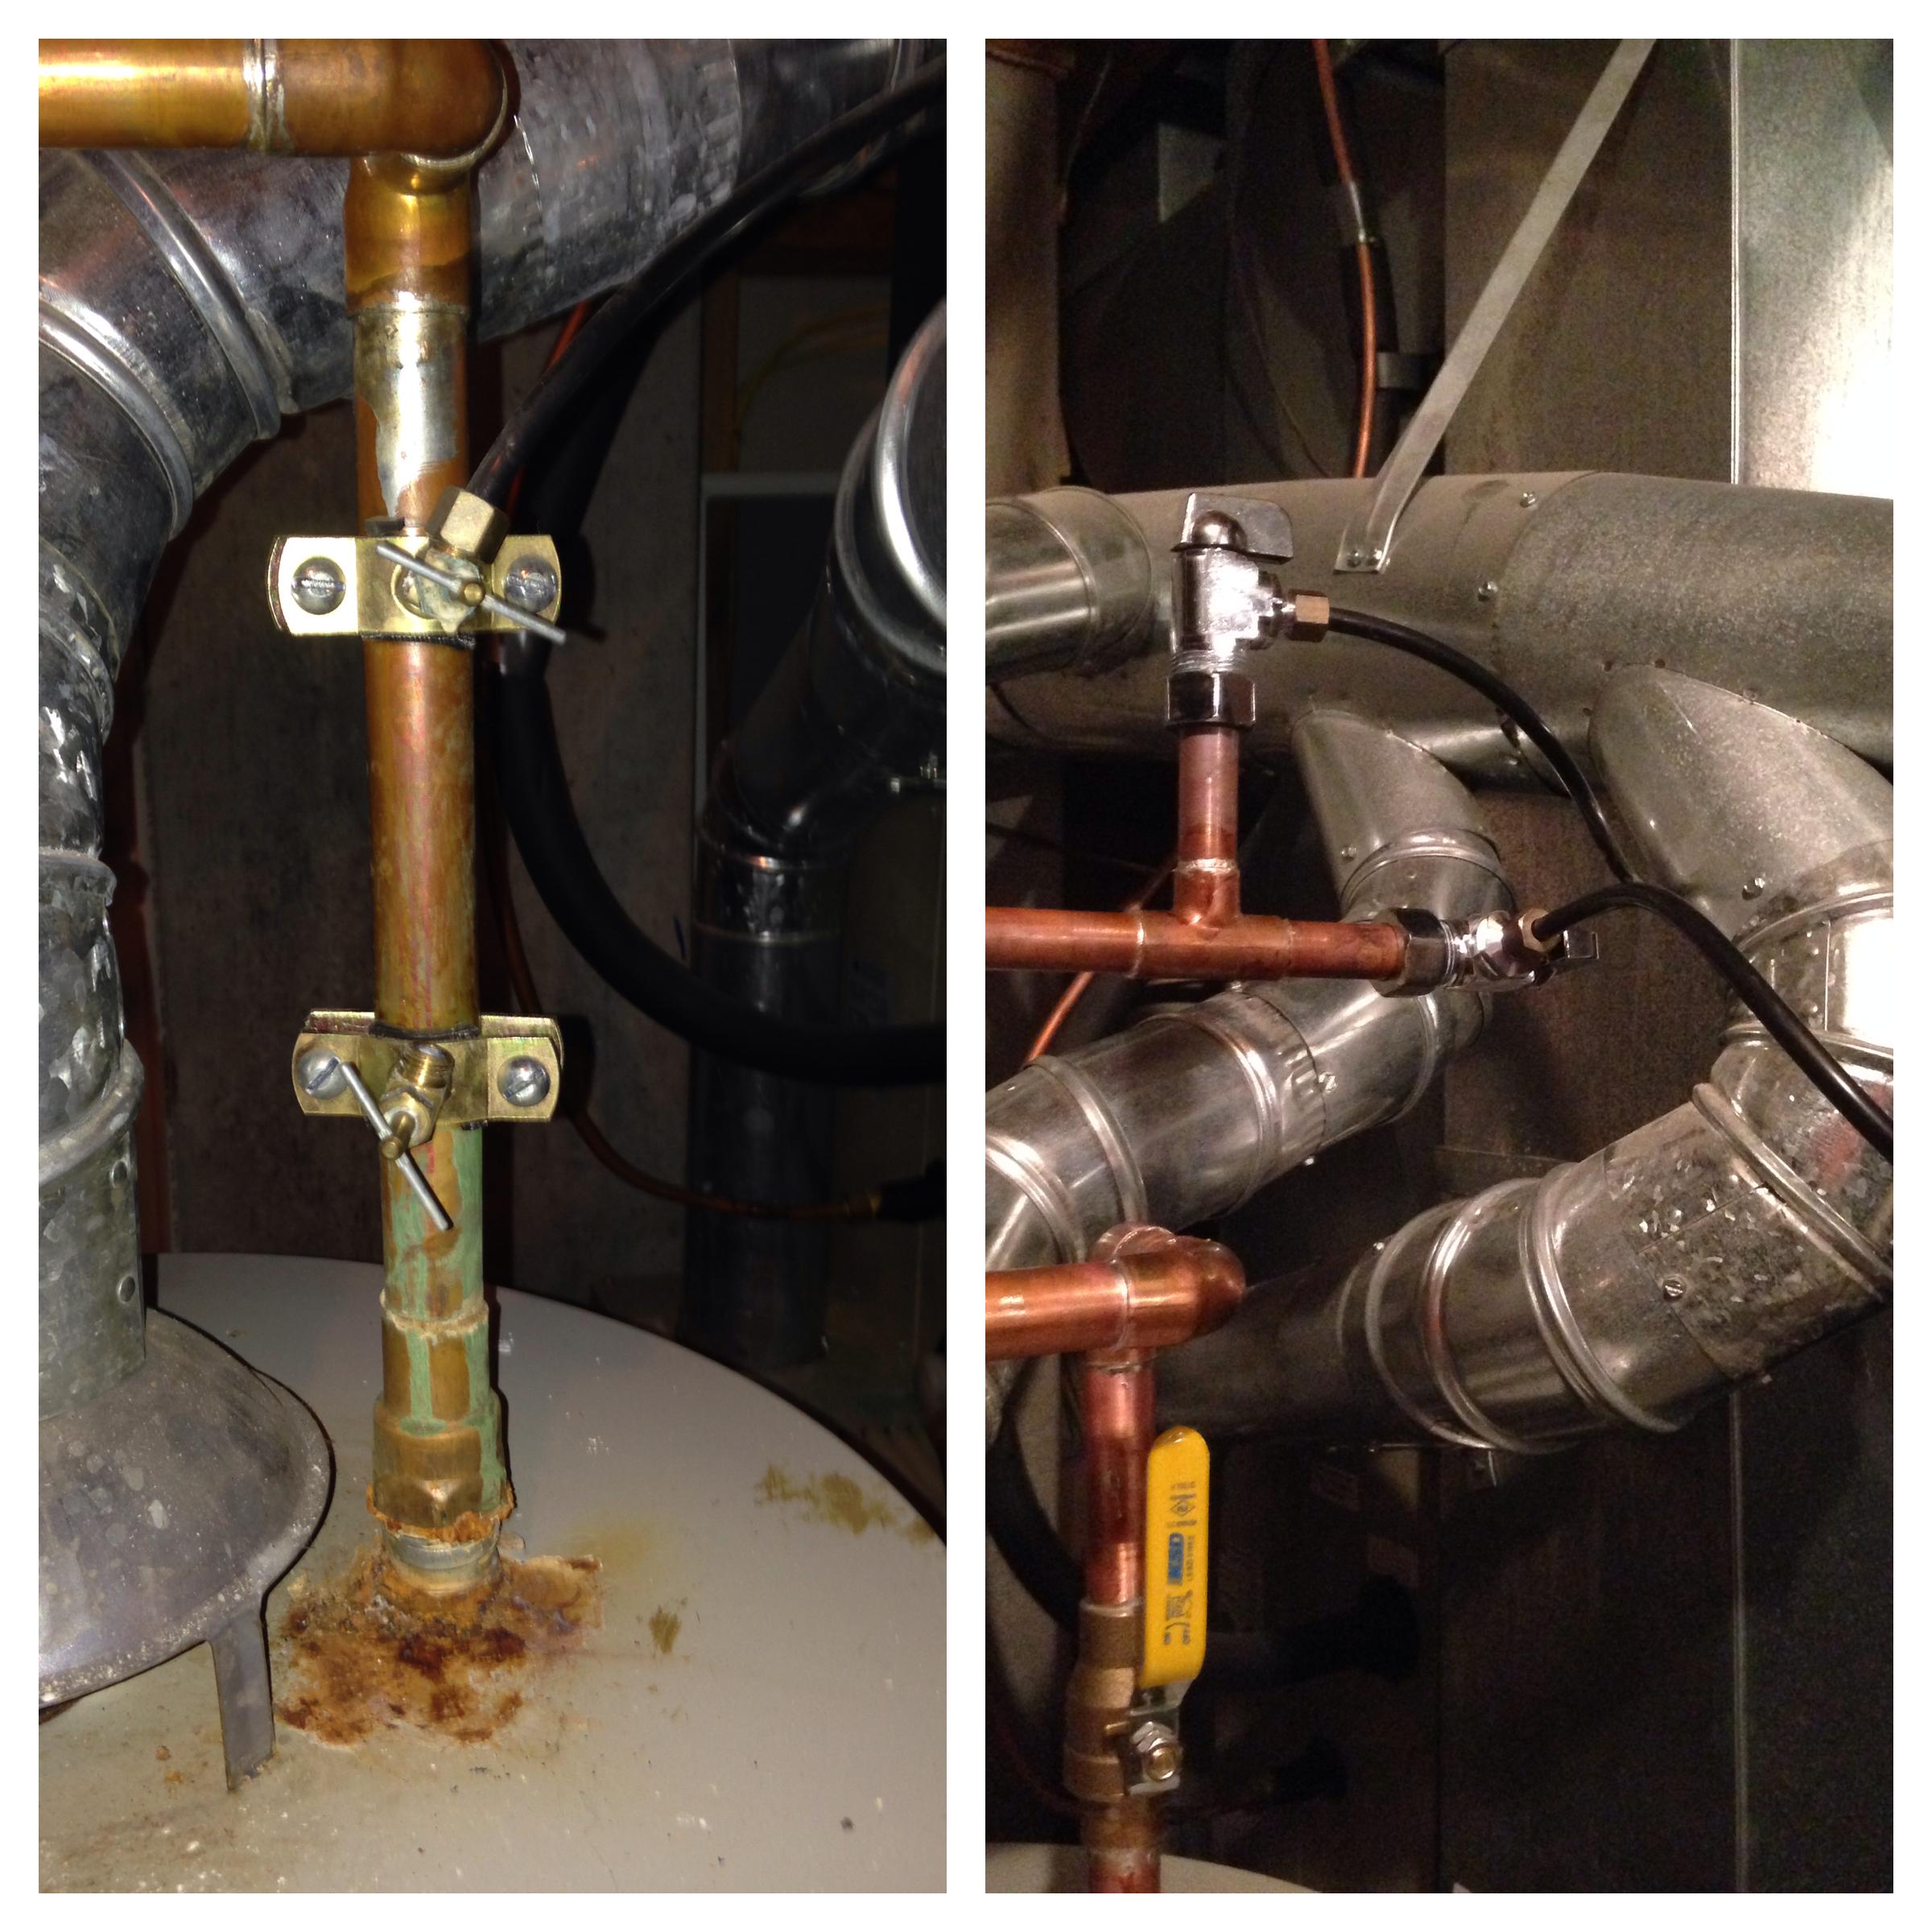 saddle valves vs 1:4 turn valves #C28509